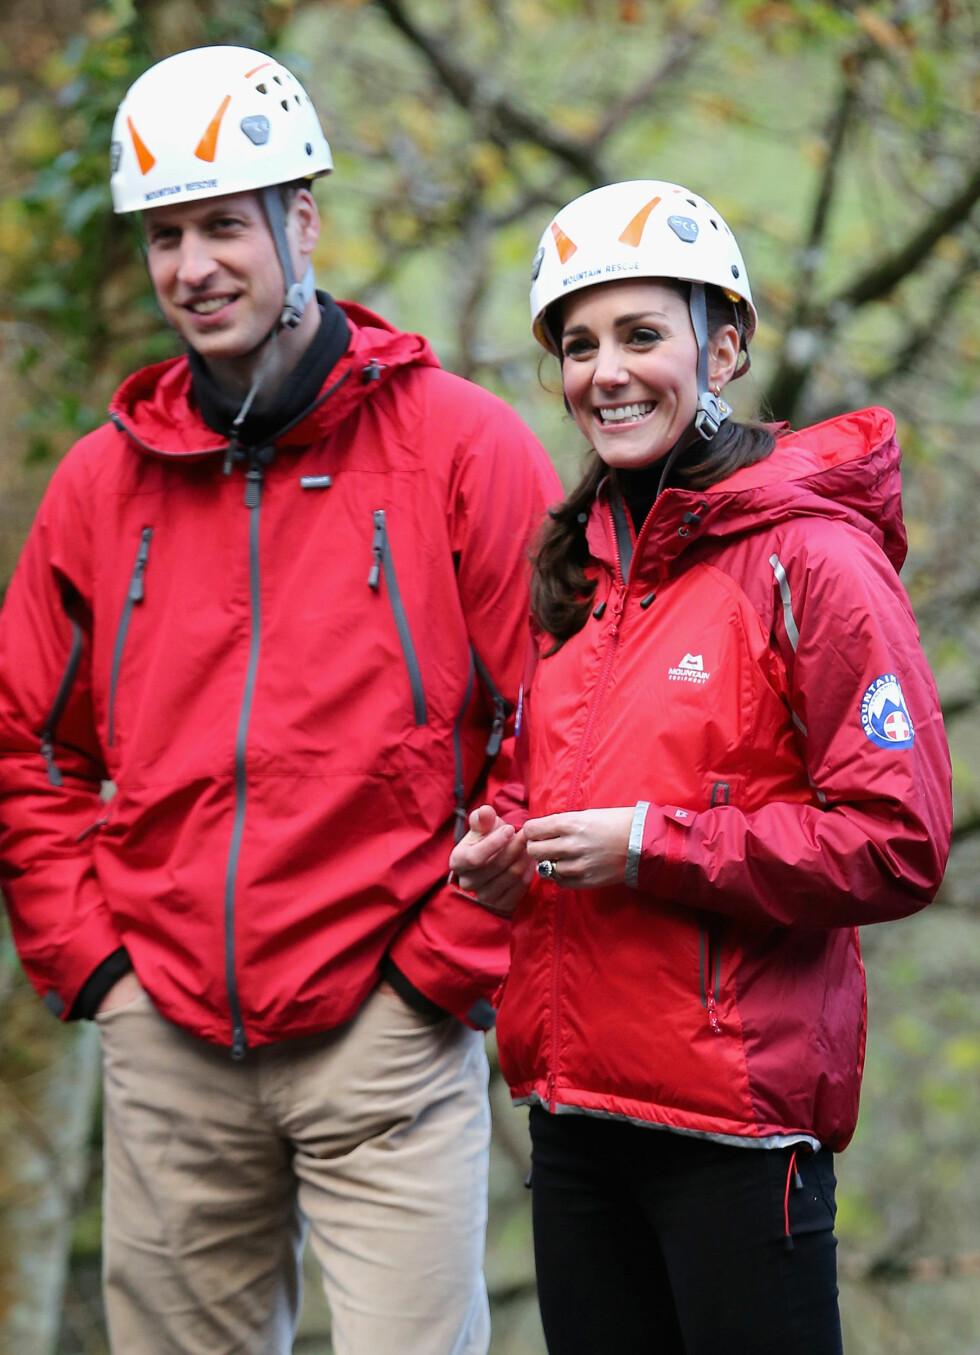 <strong>SPORTY:</strong> Hertuginne Kate og prins William var sporty antrukket da de deltok på et klatreevent i England i november. Også de matchet i rødt. Foto: NTB Scanpix